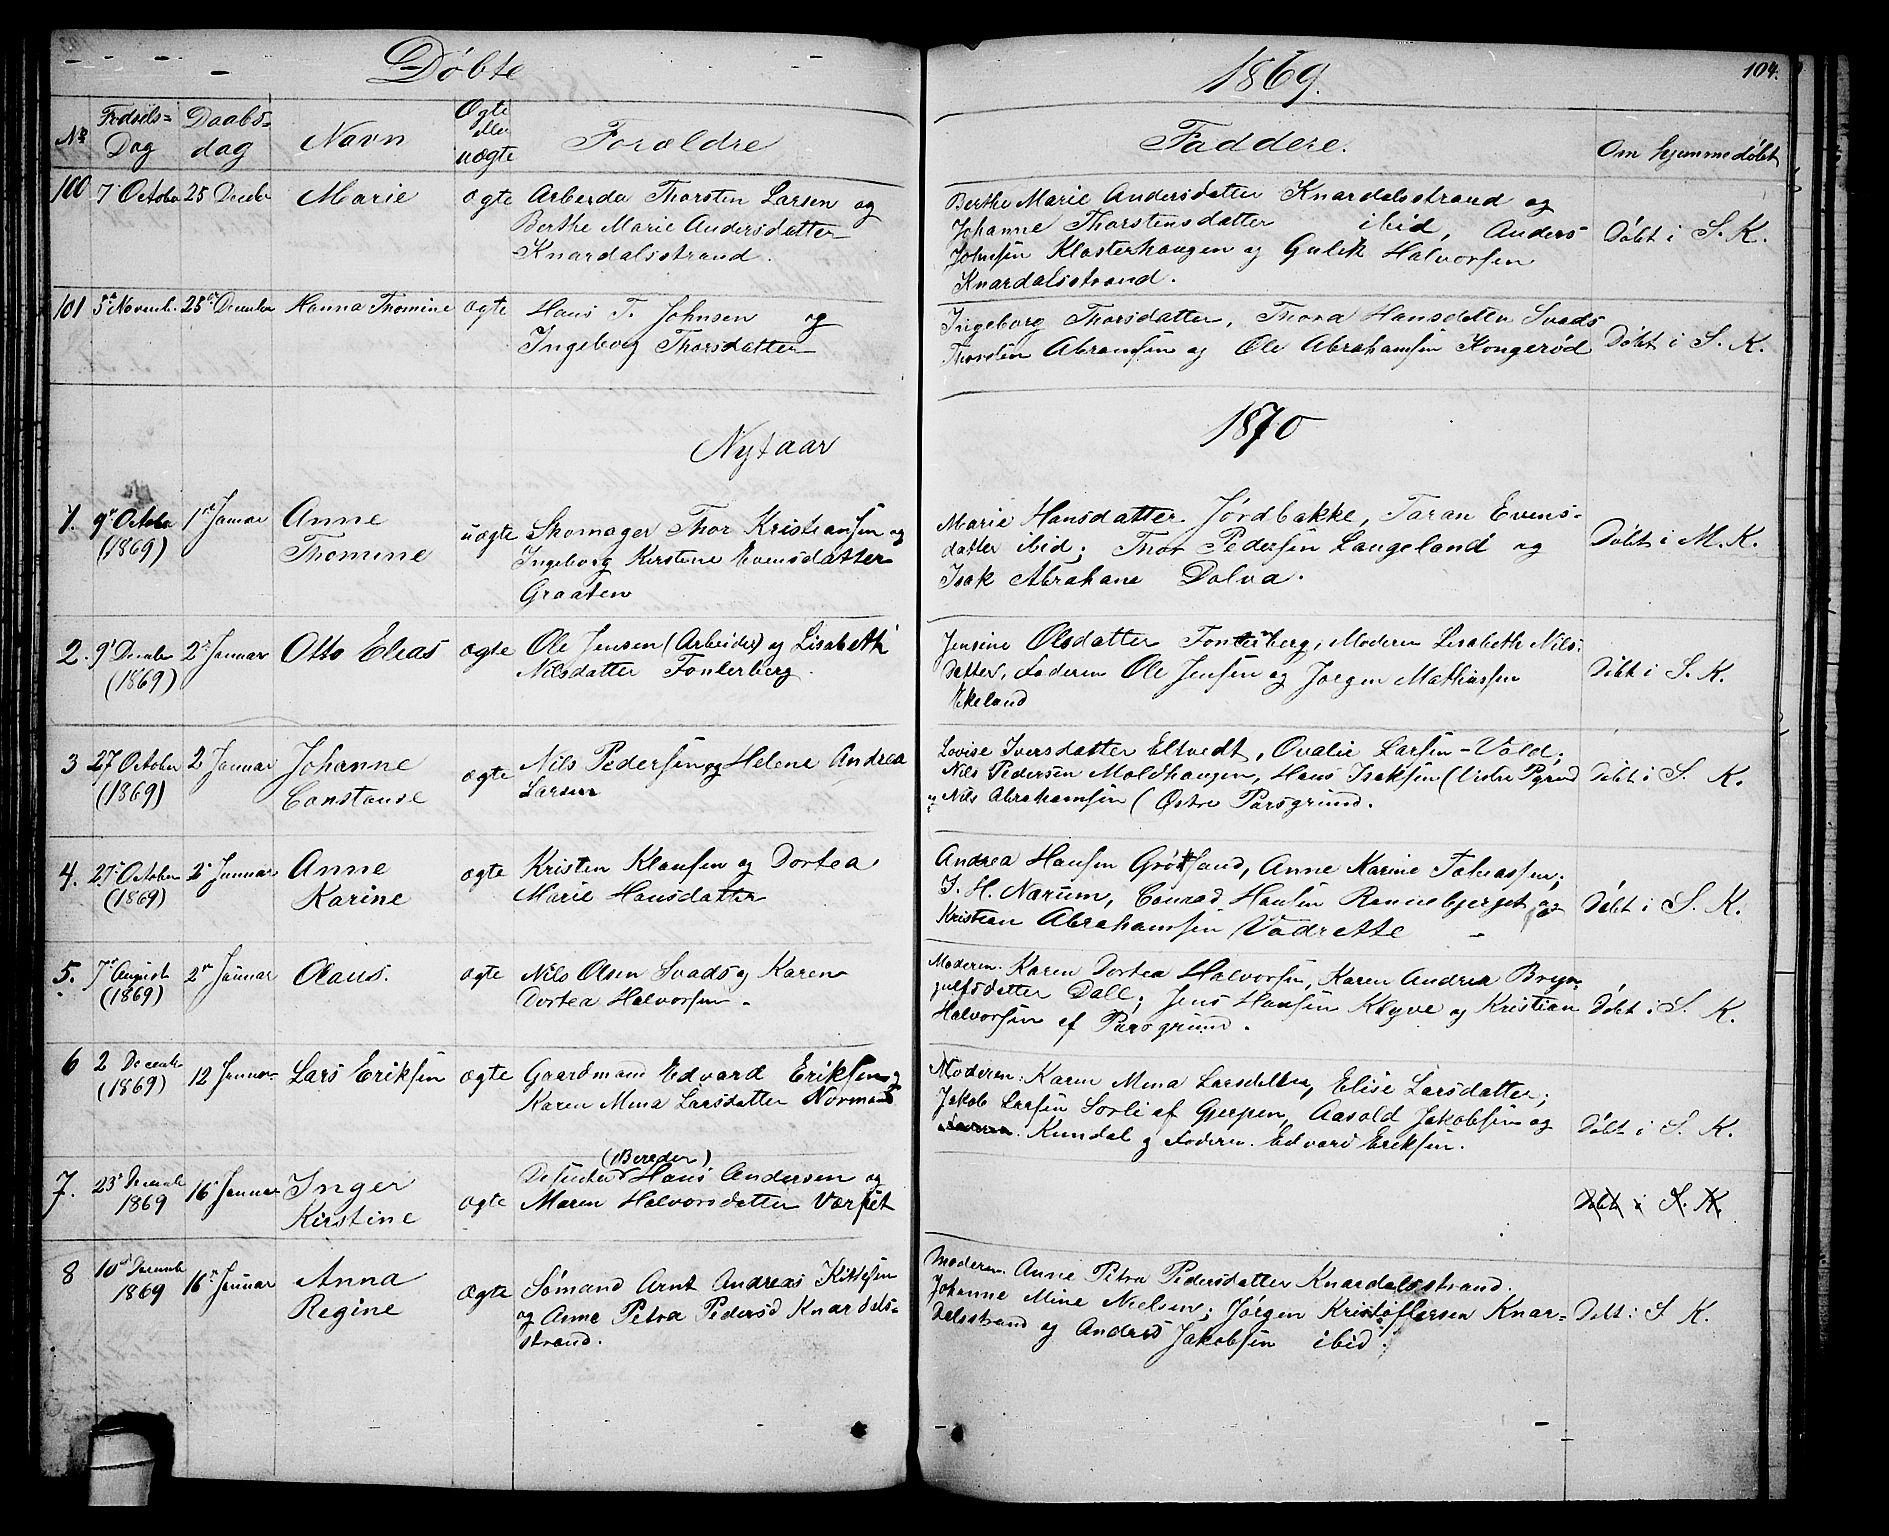 SAKO, Solum kirkebøker, G/Ga/L0004: Klokkerbok nr. I 4, 1859-1876, s. 104